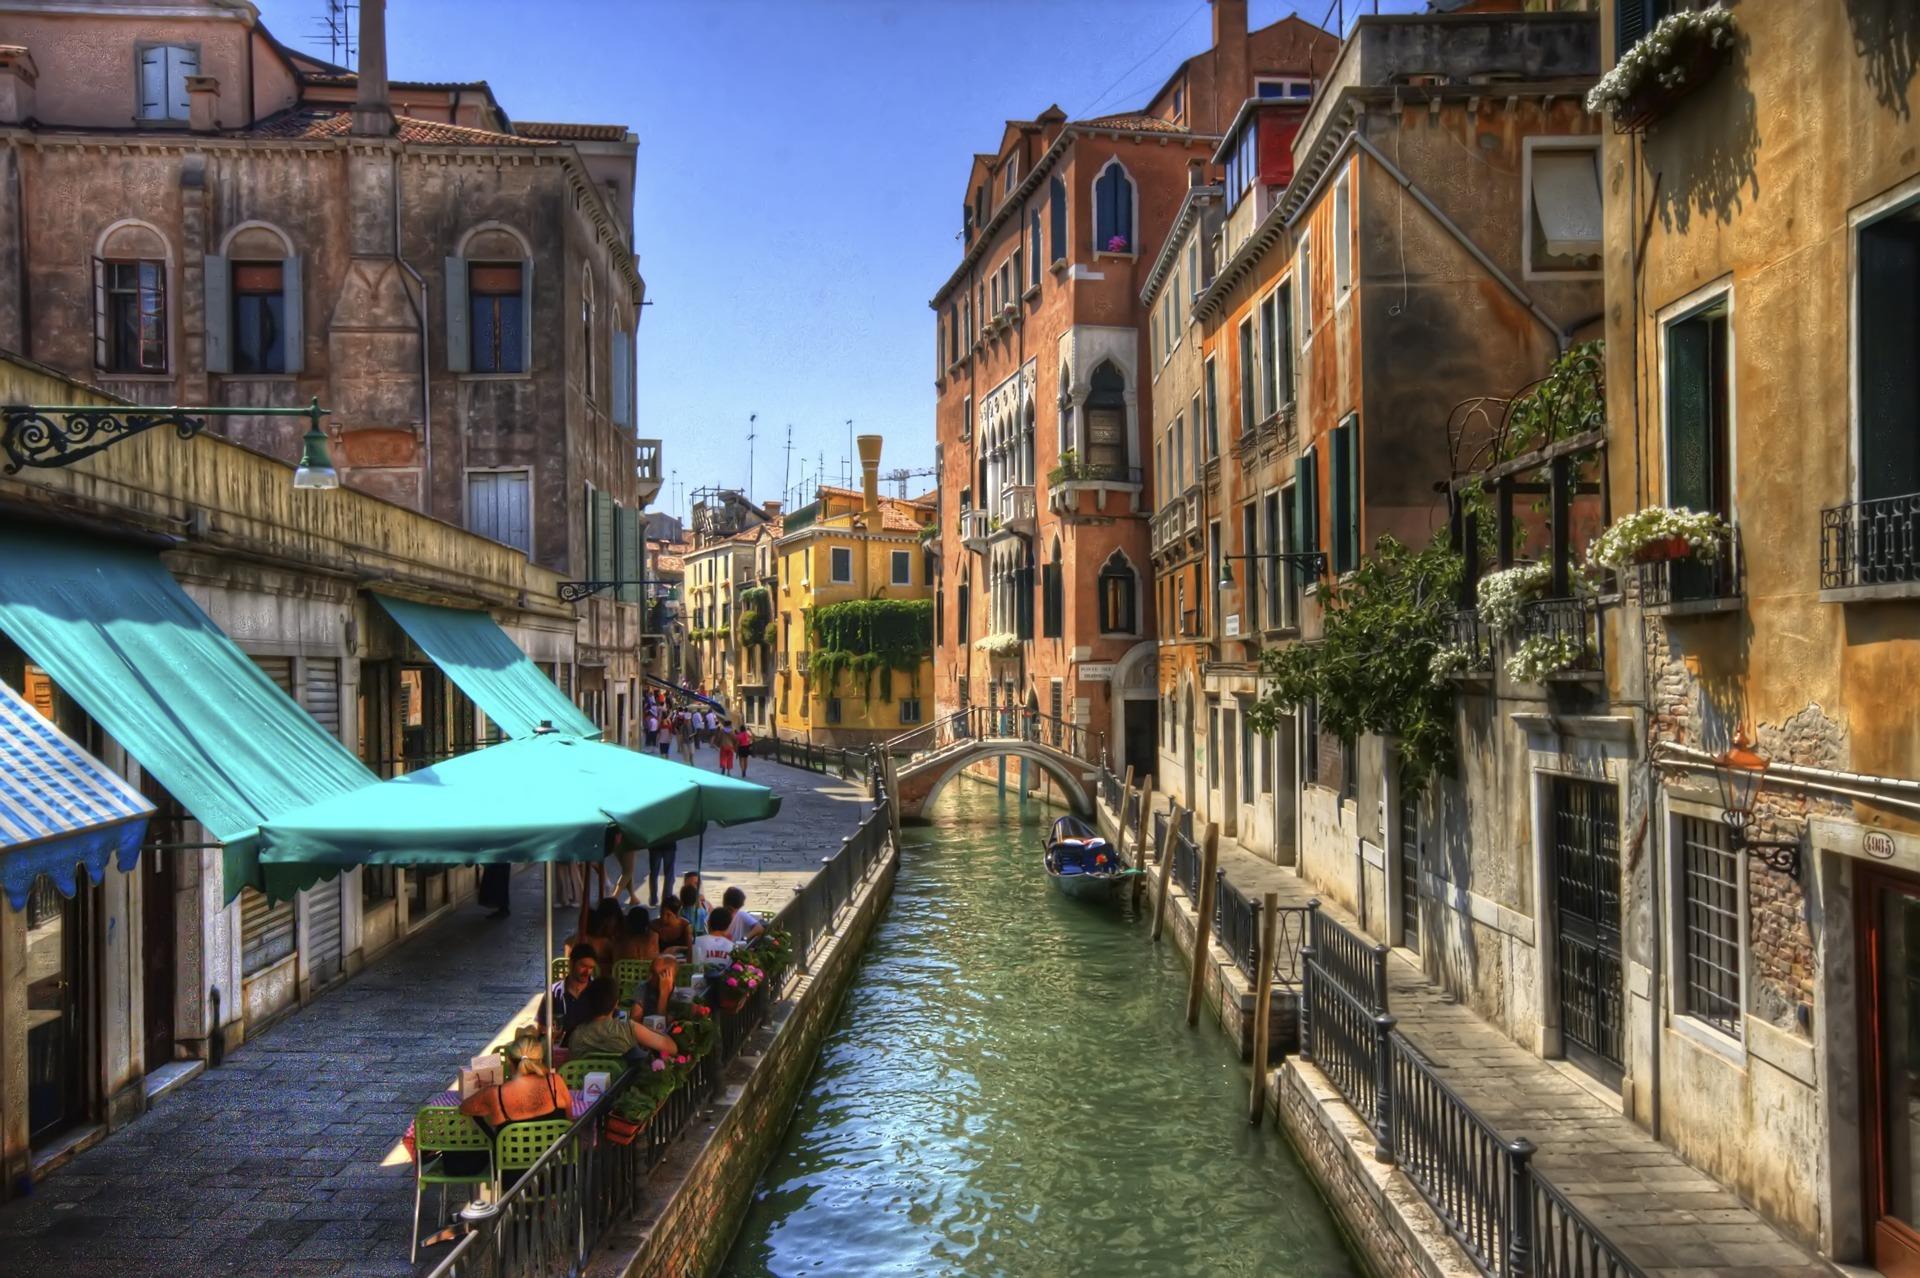 21514 завантажити шпалери Пейзаж, Міста, Венеція - заставки і картинки безкоштовно